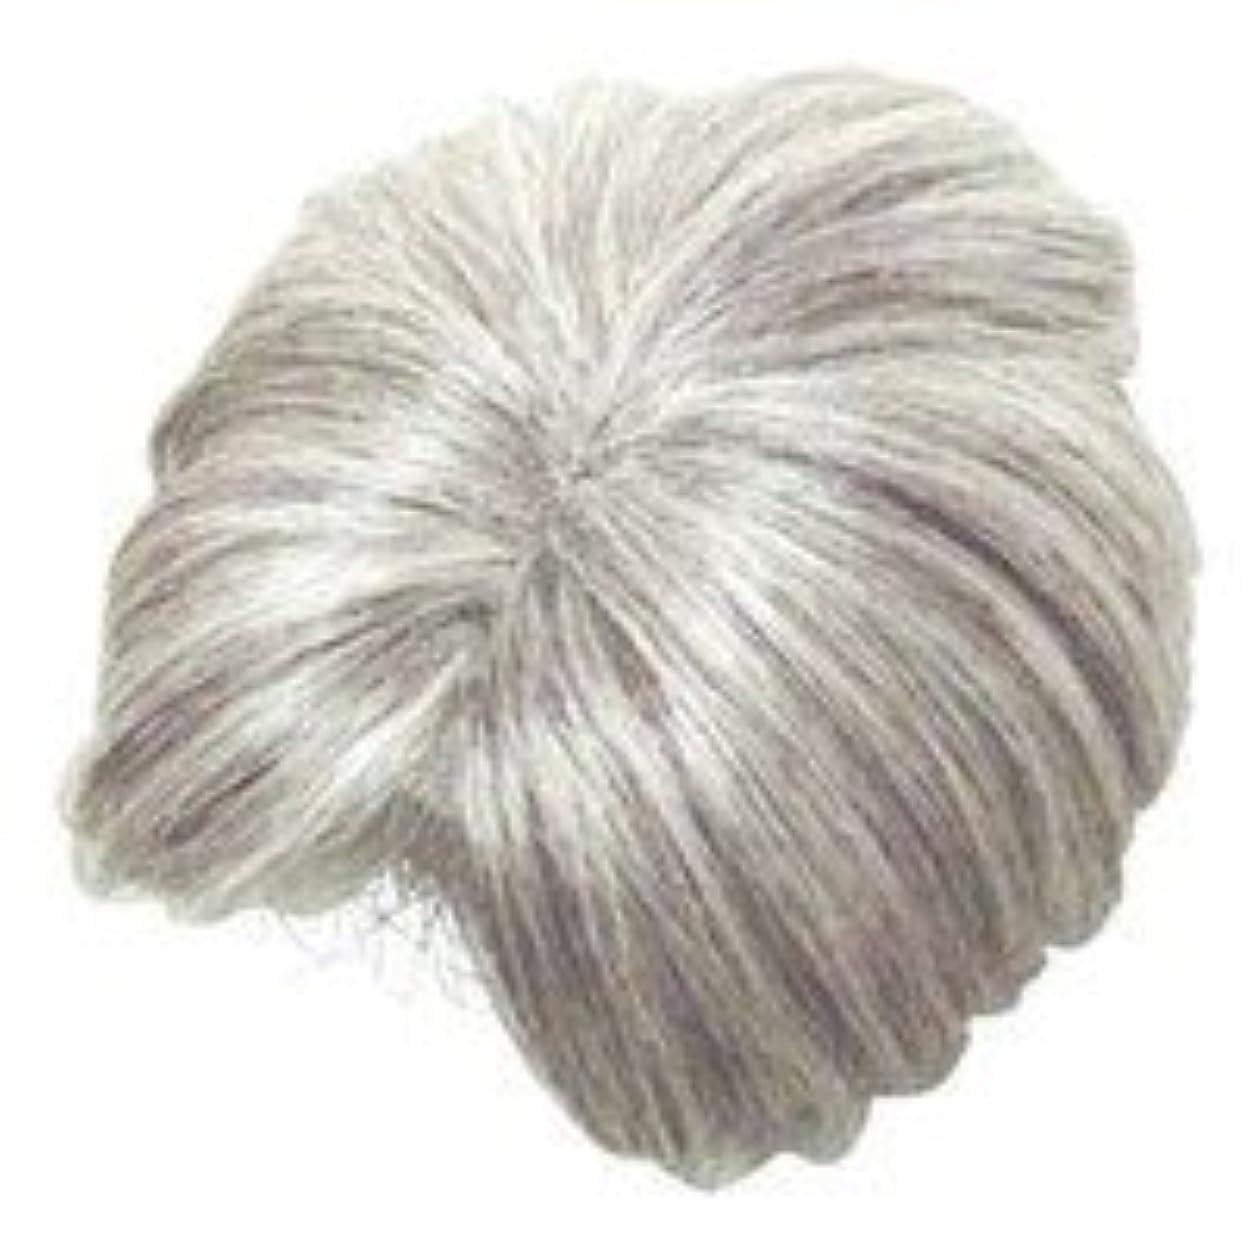 アラバマ障害者ブッシュモアヘアピース部分かつら (白髪80パーセント)